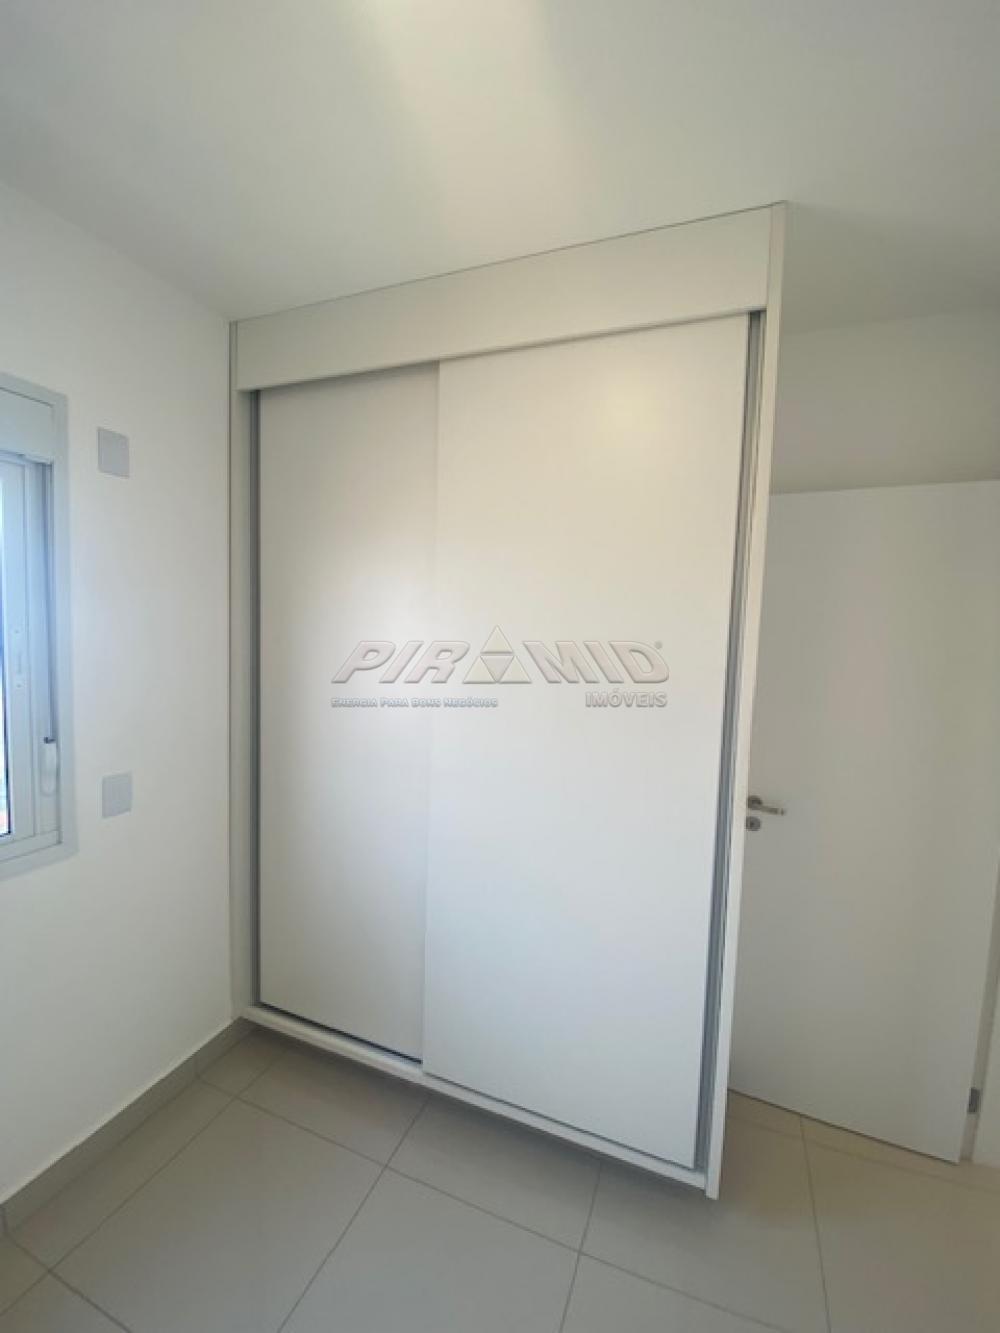 Alugar Apartamento / Padrão em Ribeirão Preto R$ 2.990,00 - Foto 10